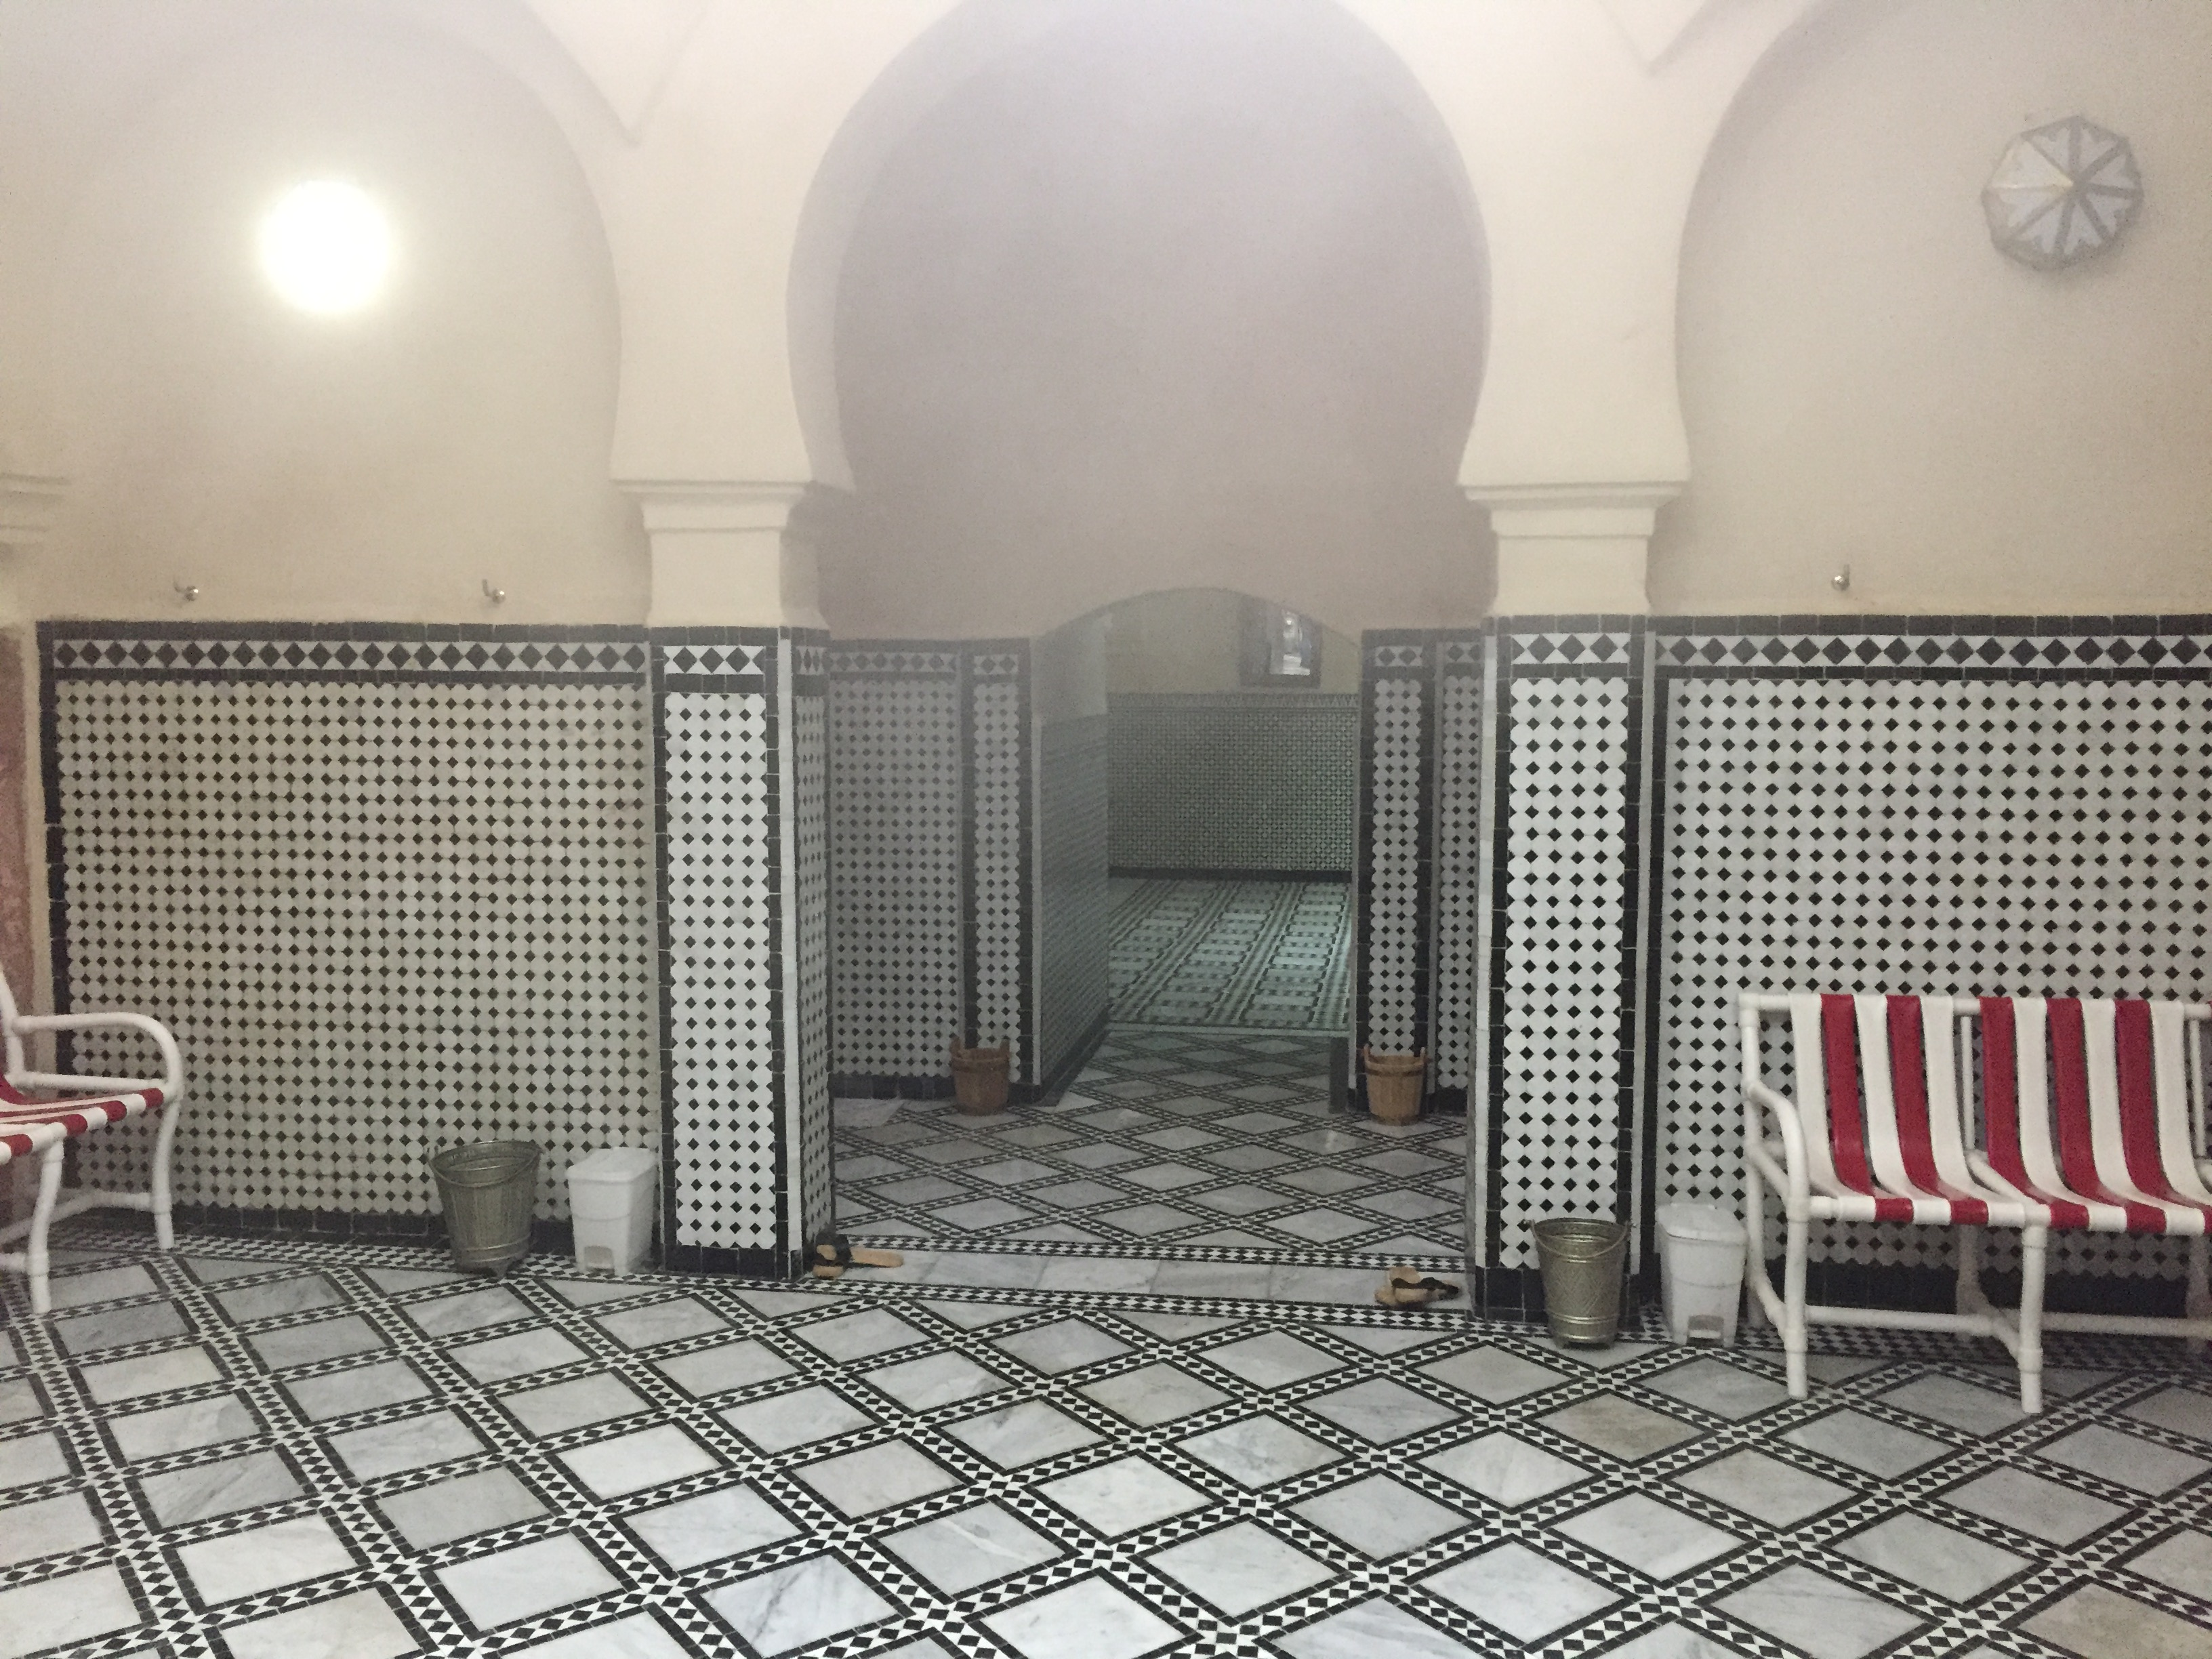 أرباب الحمامات التقليدية يعبرون عن امتعاضهم بسبب الإغلاق